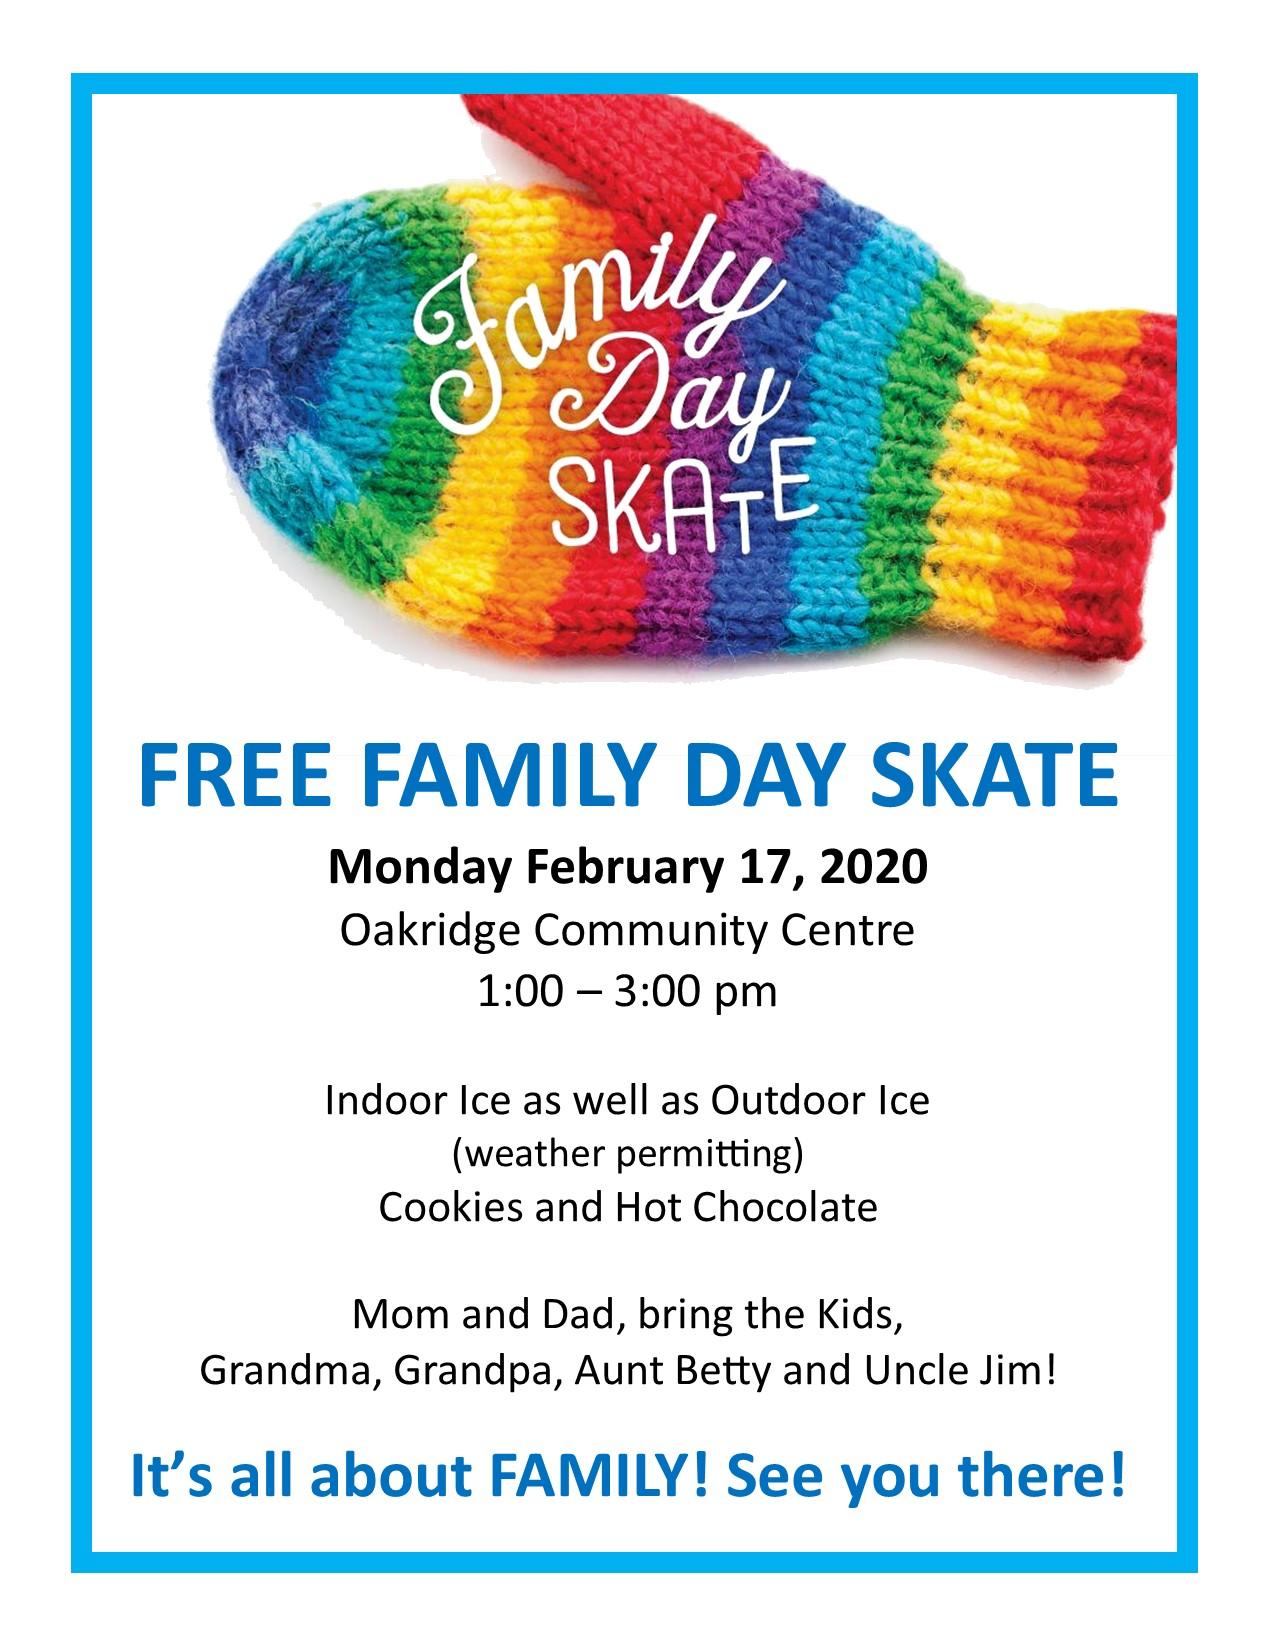 2020 family day skate